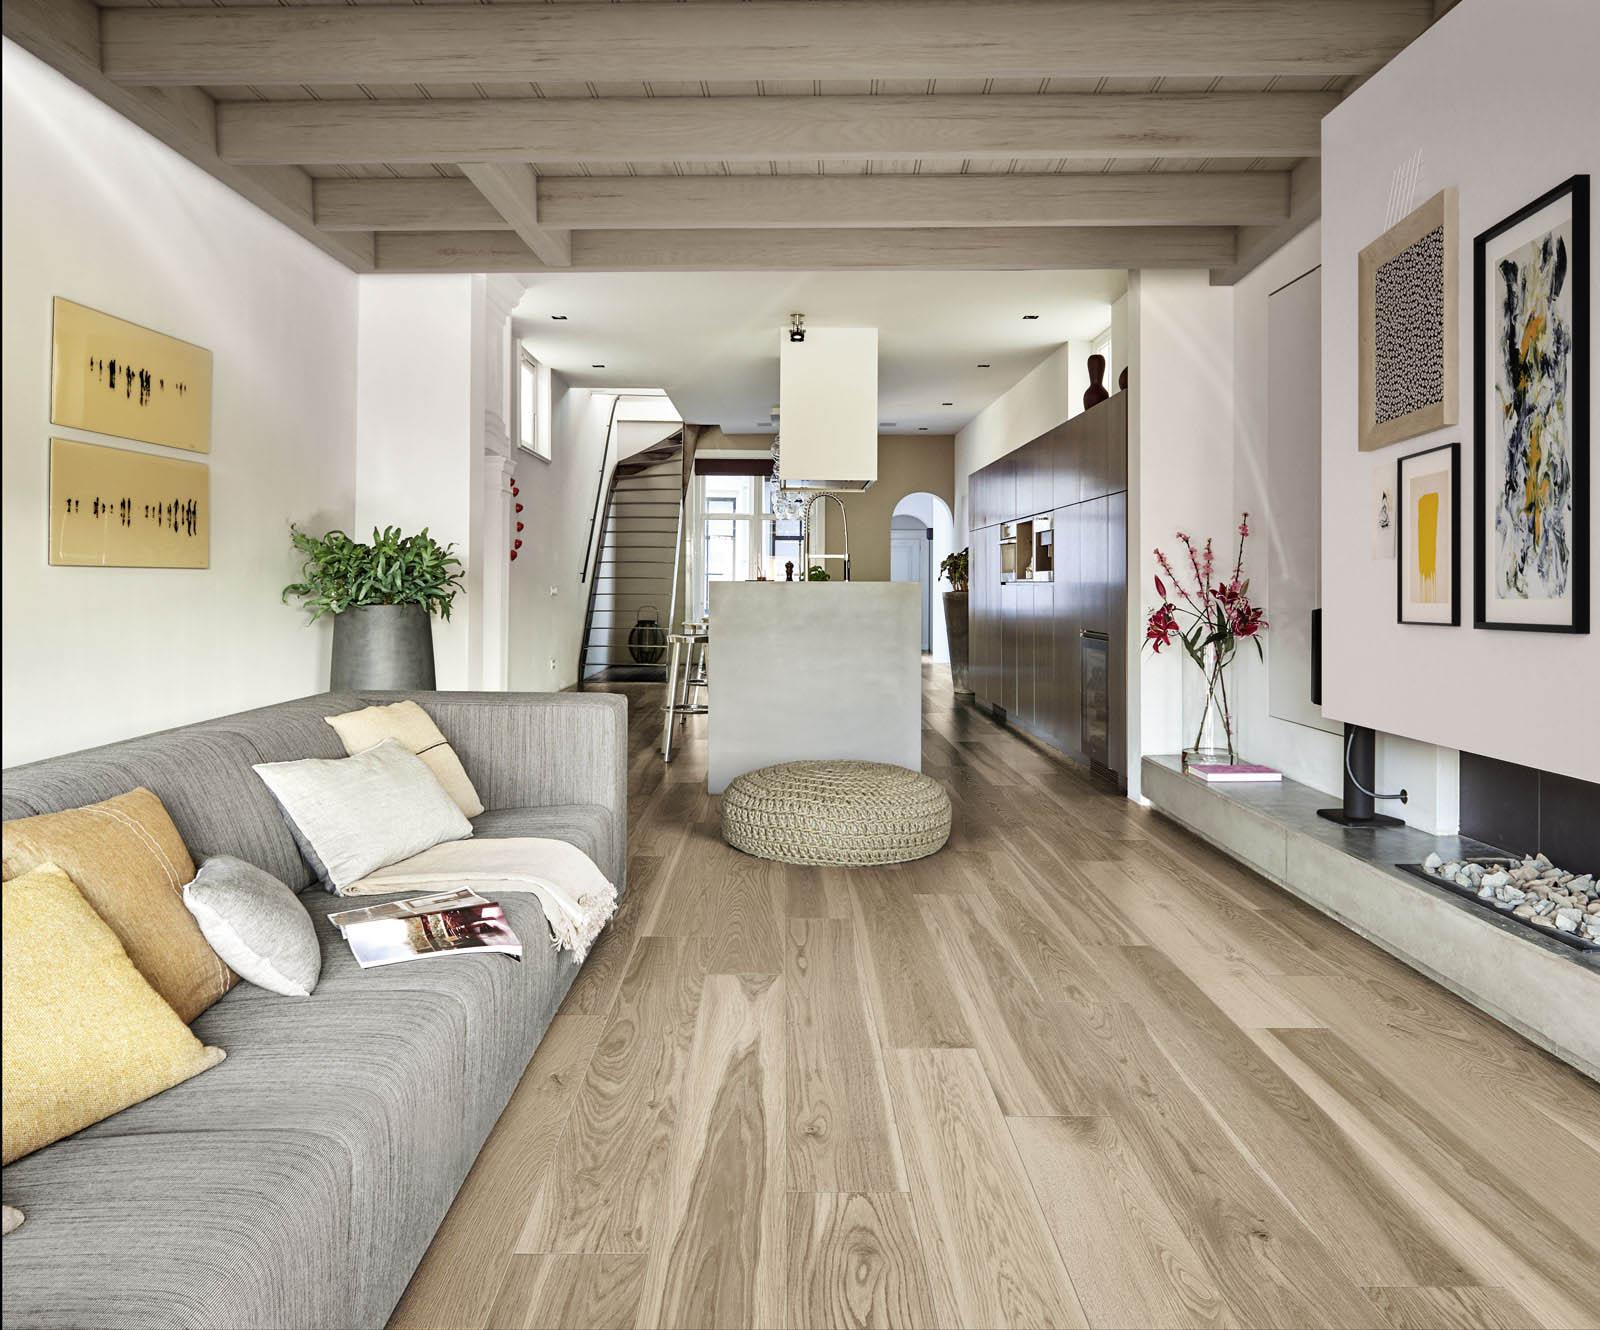 Treverkmore gres effetto legno interno e esterno marazzi for Marazzi ceramiche effetto legno